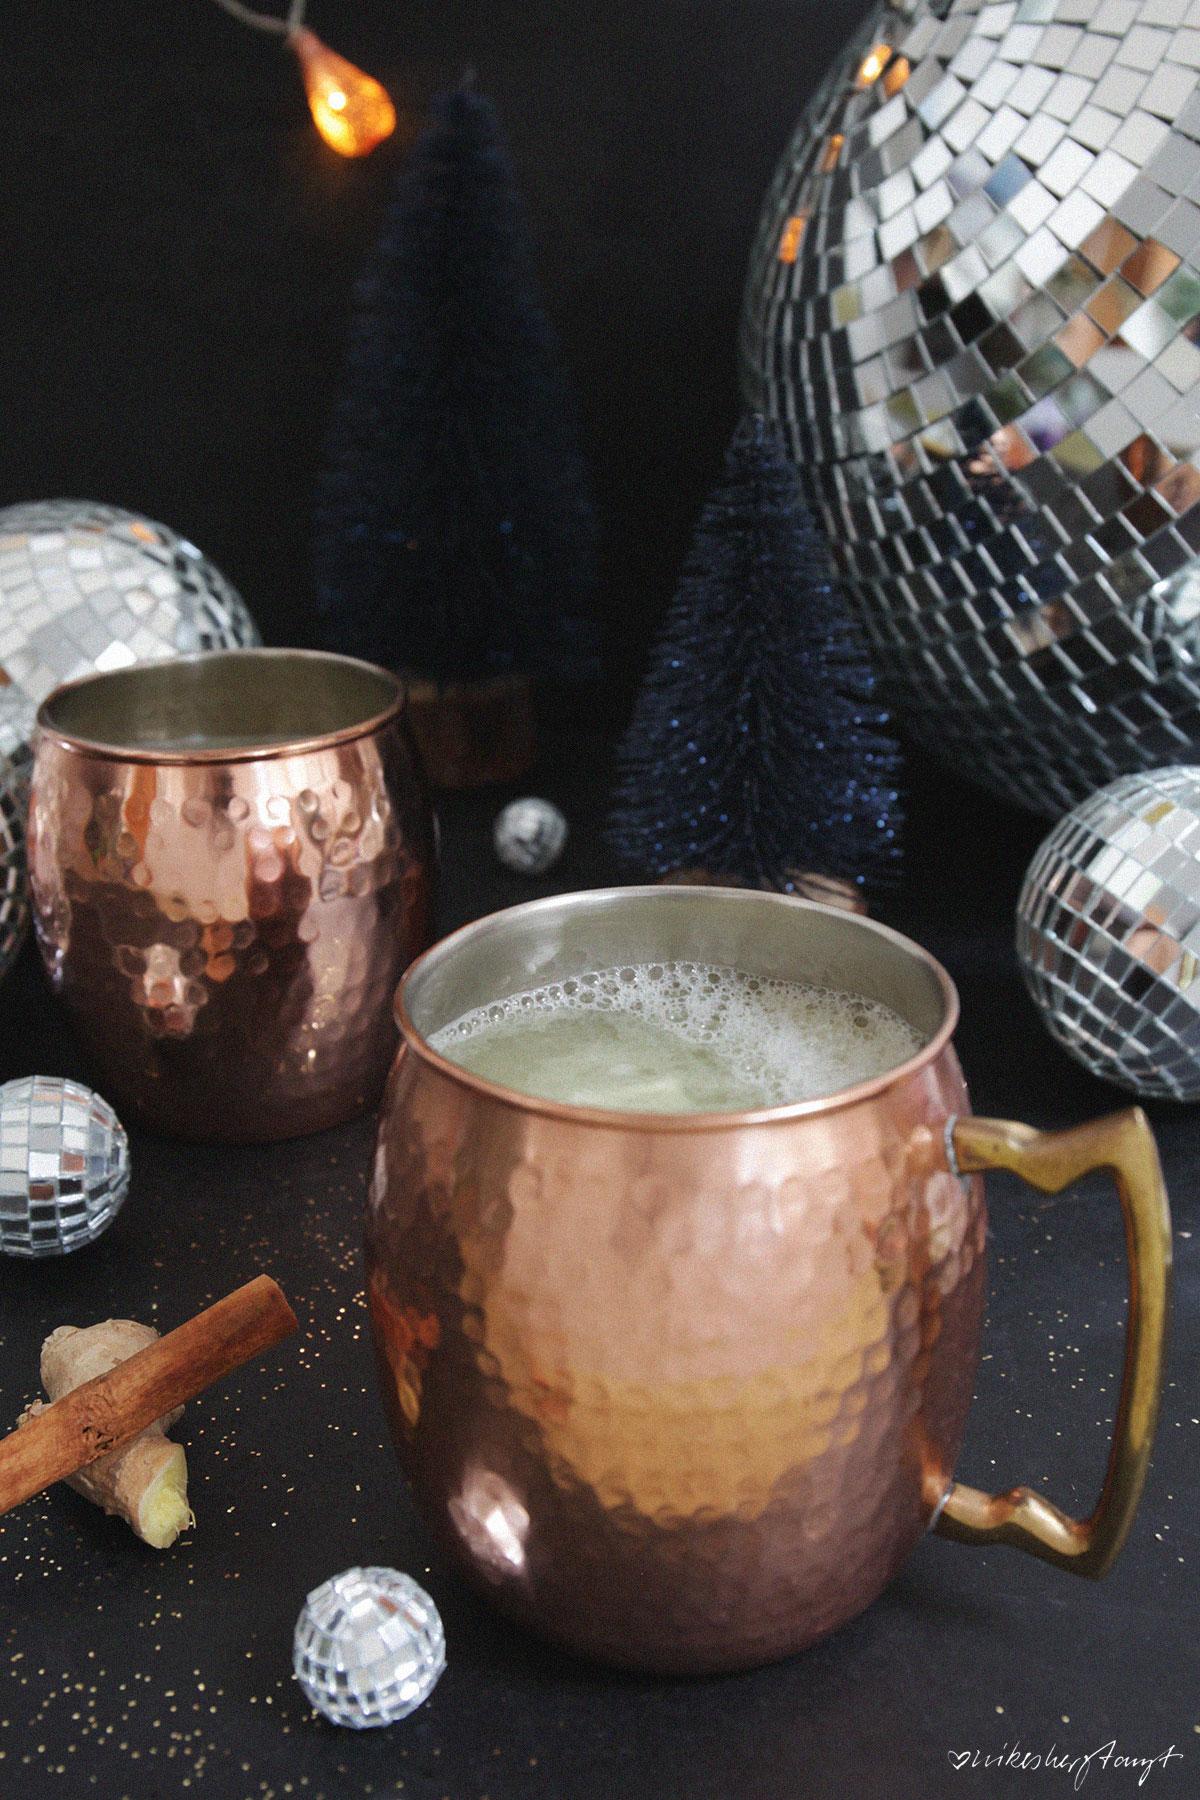 niederrhein grog mit ingwer & gin, glühgin im kupferbecher, nikesherztanzt